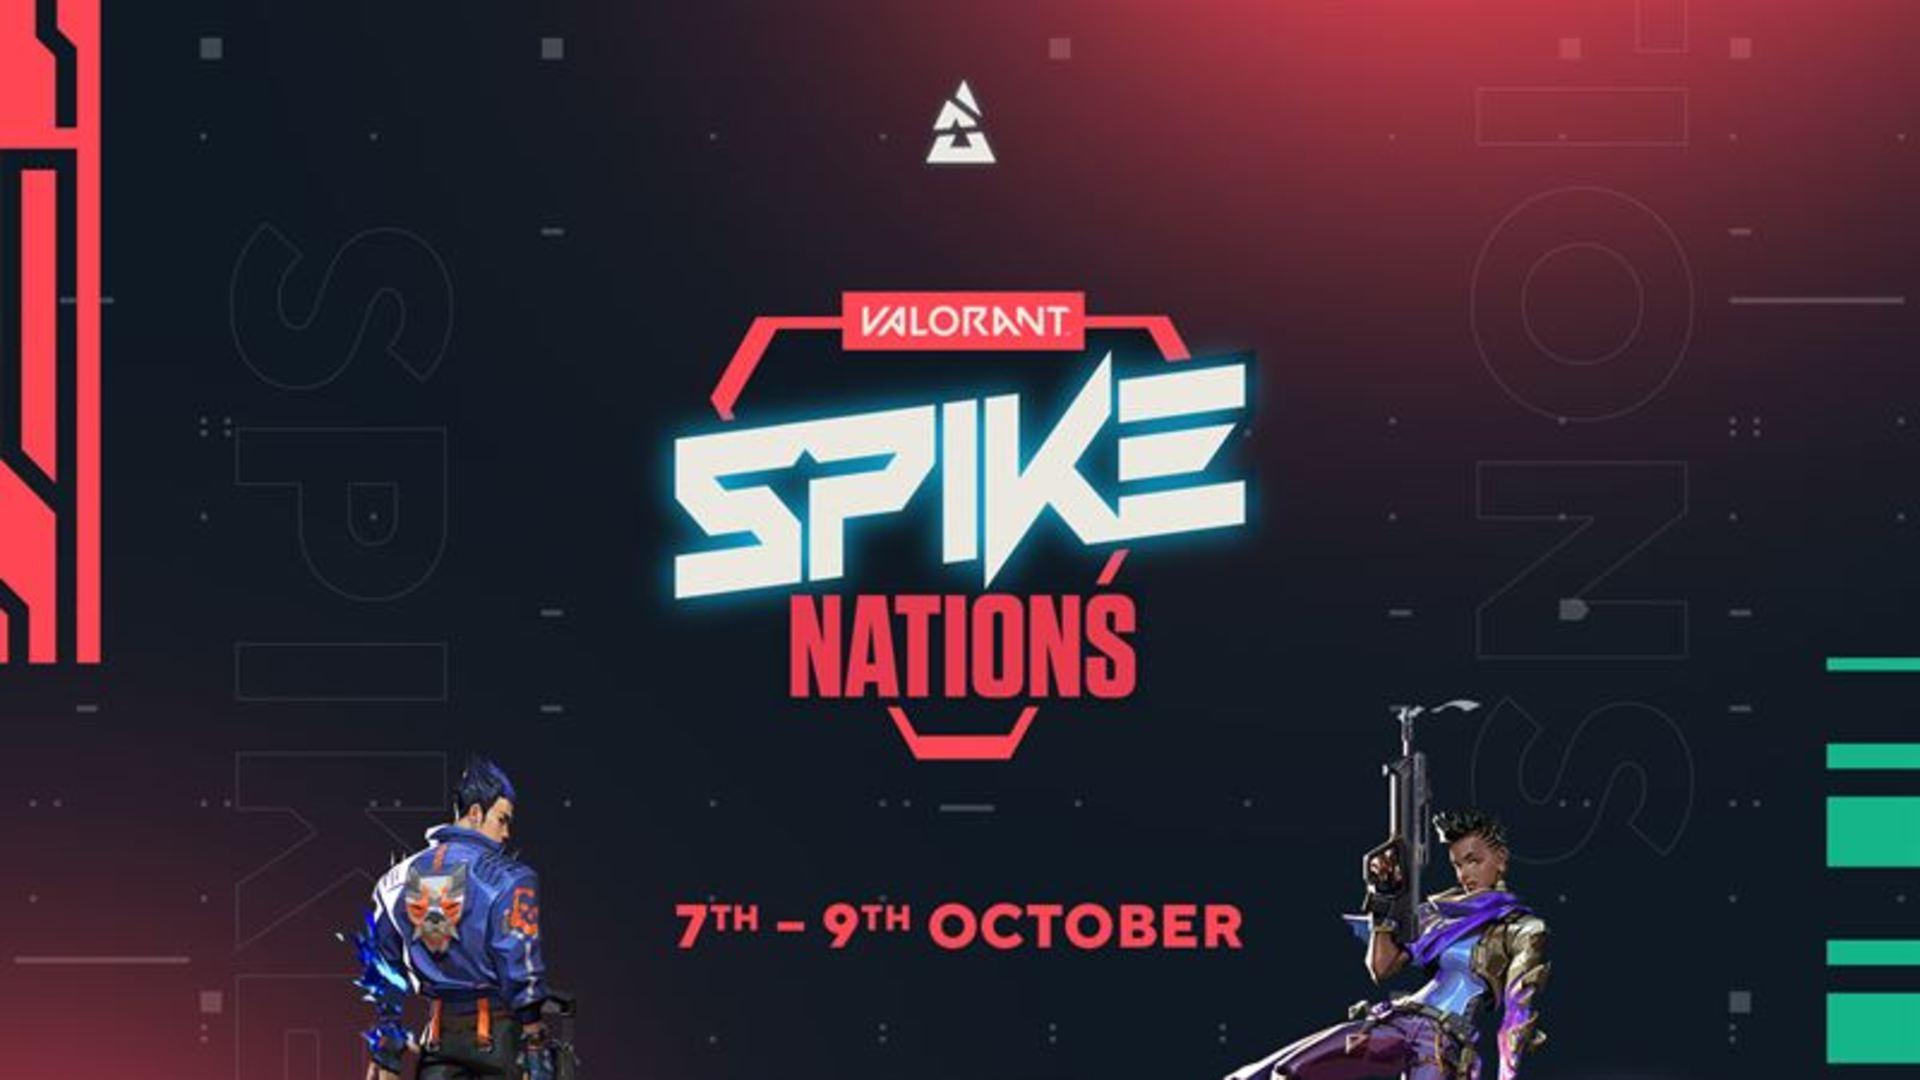 Blast en Riot Games kondigen tweede editie Valorant Spike Nations aan